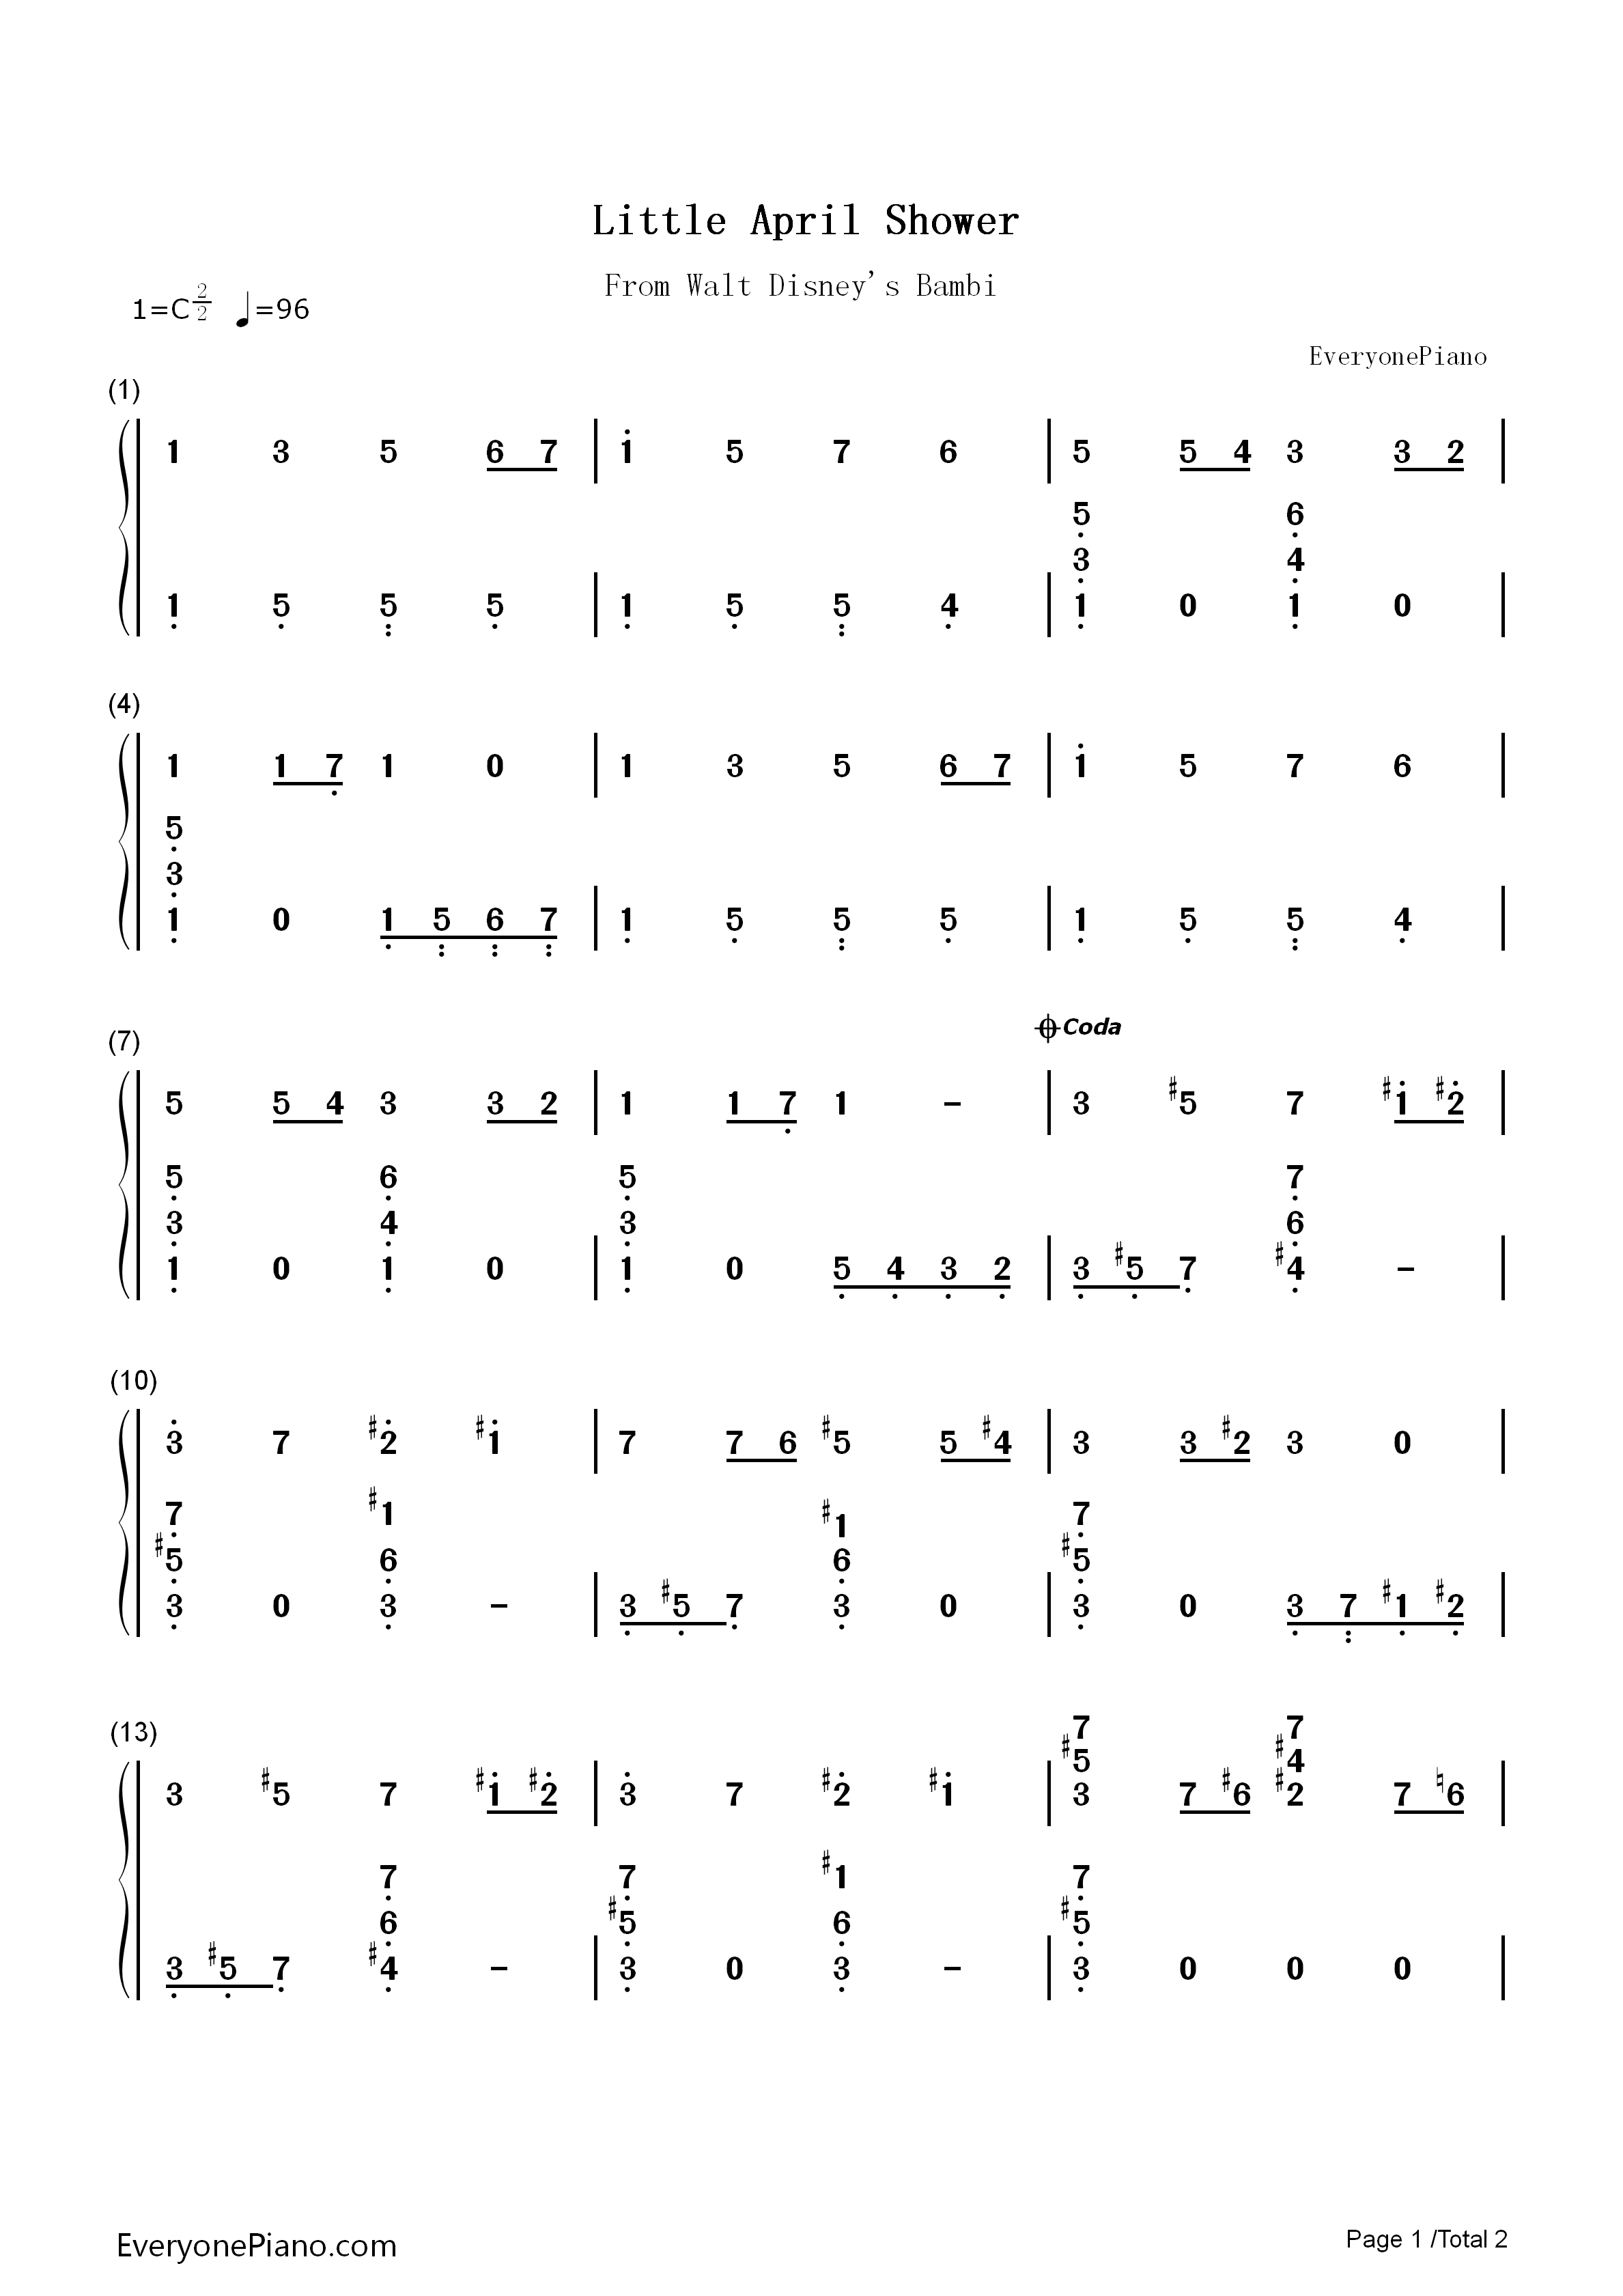 钢琴曲谱 动漫 little april shower-迪斯尼动画《小鹿斑比》插曲 lit